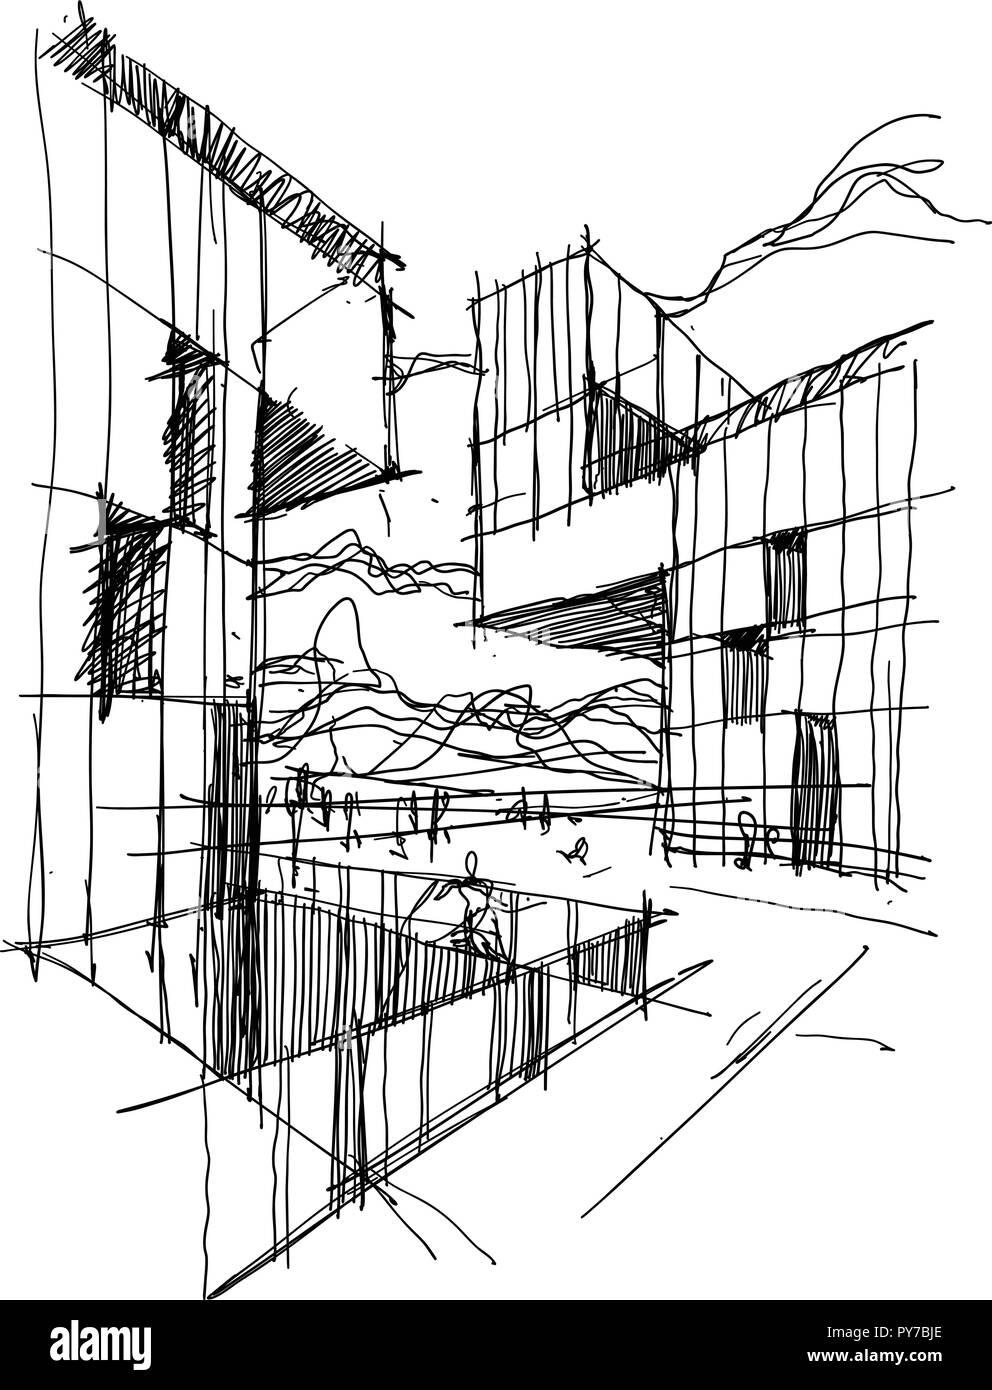 Hand gezeichnet architektonische Skizze eines modernen abstrakten Architektur mit Menschen um Stock Vektor